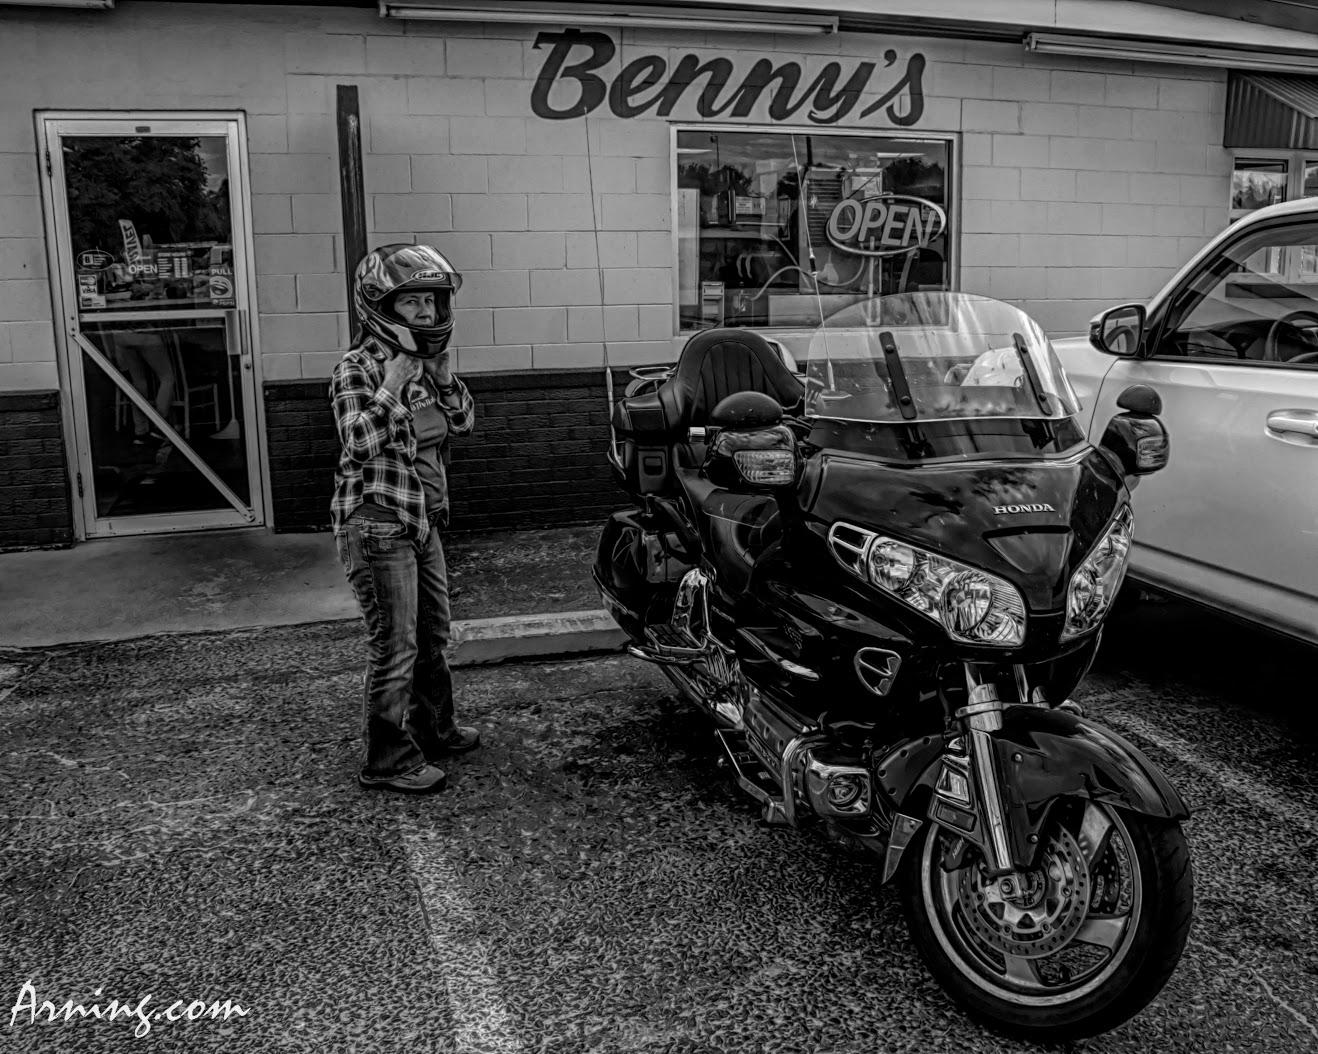 Bennie's